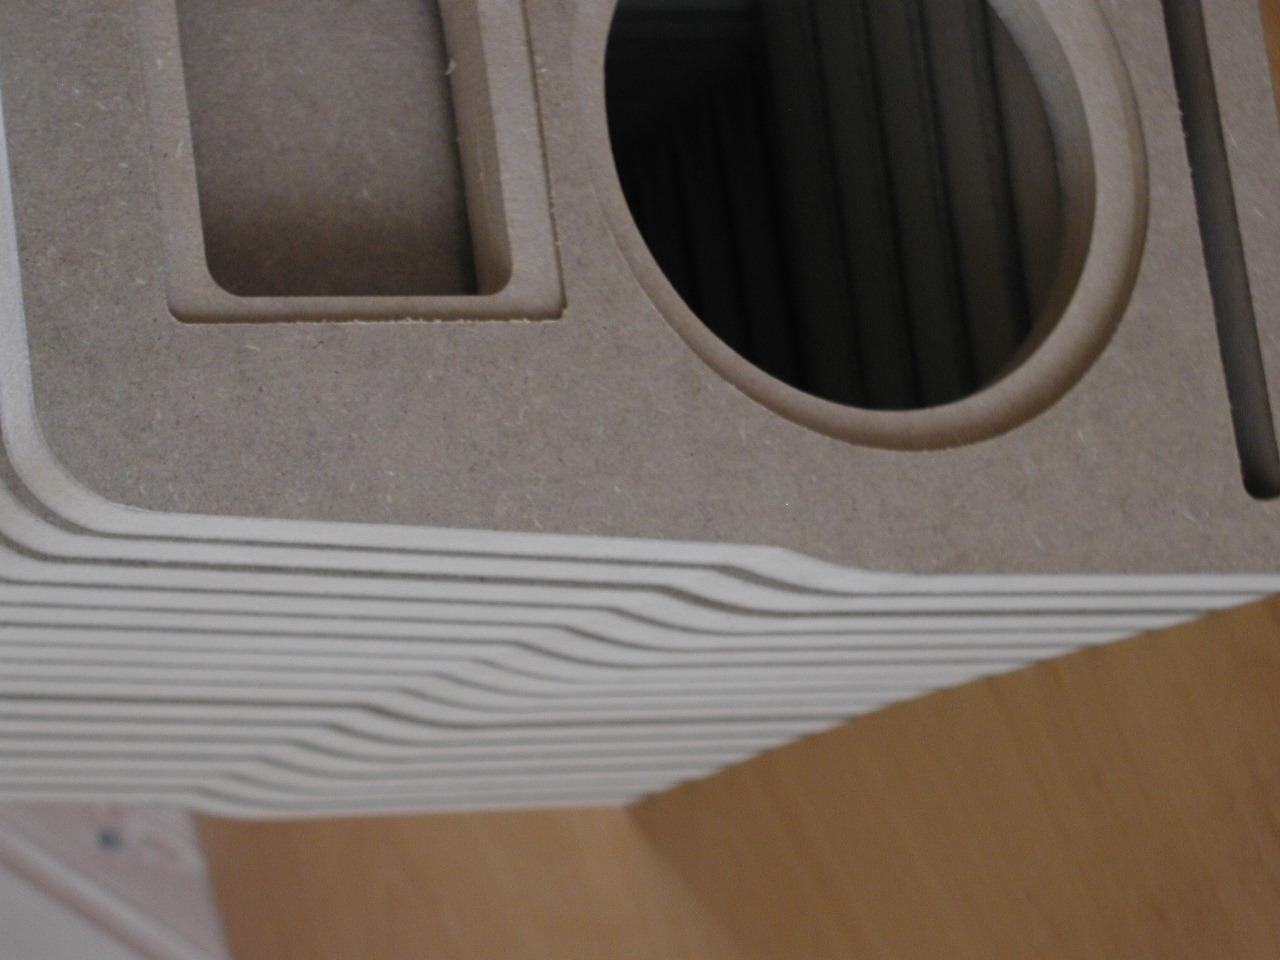 Duetta Top Spantenbau von Schreinerei Thomaier GmbH